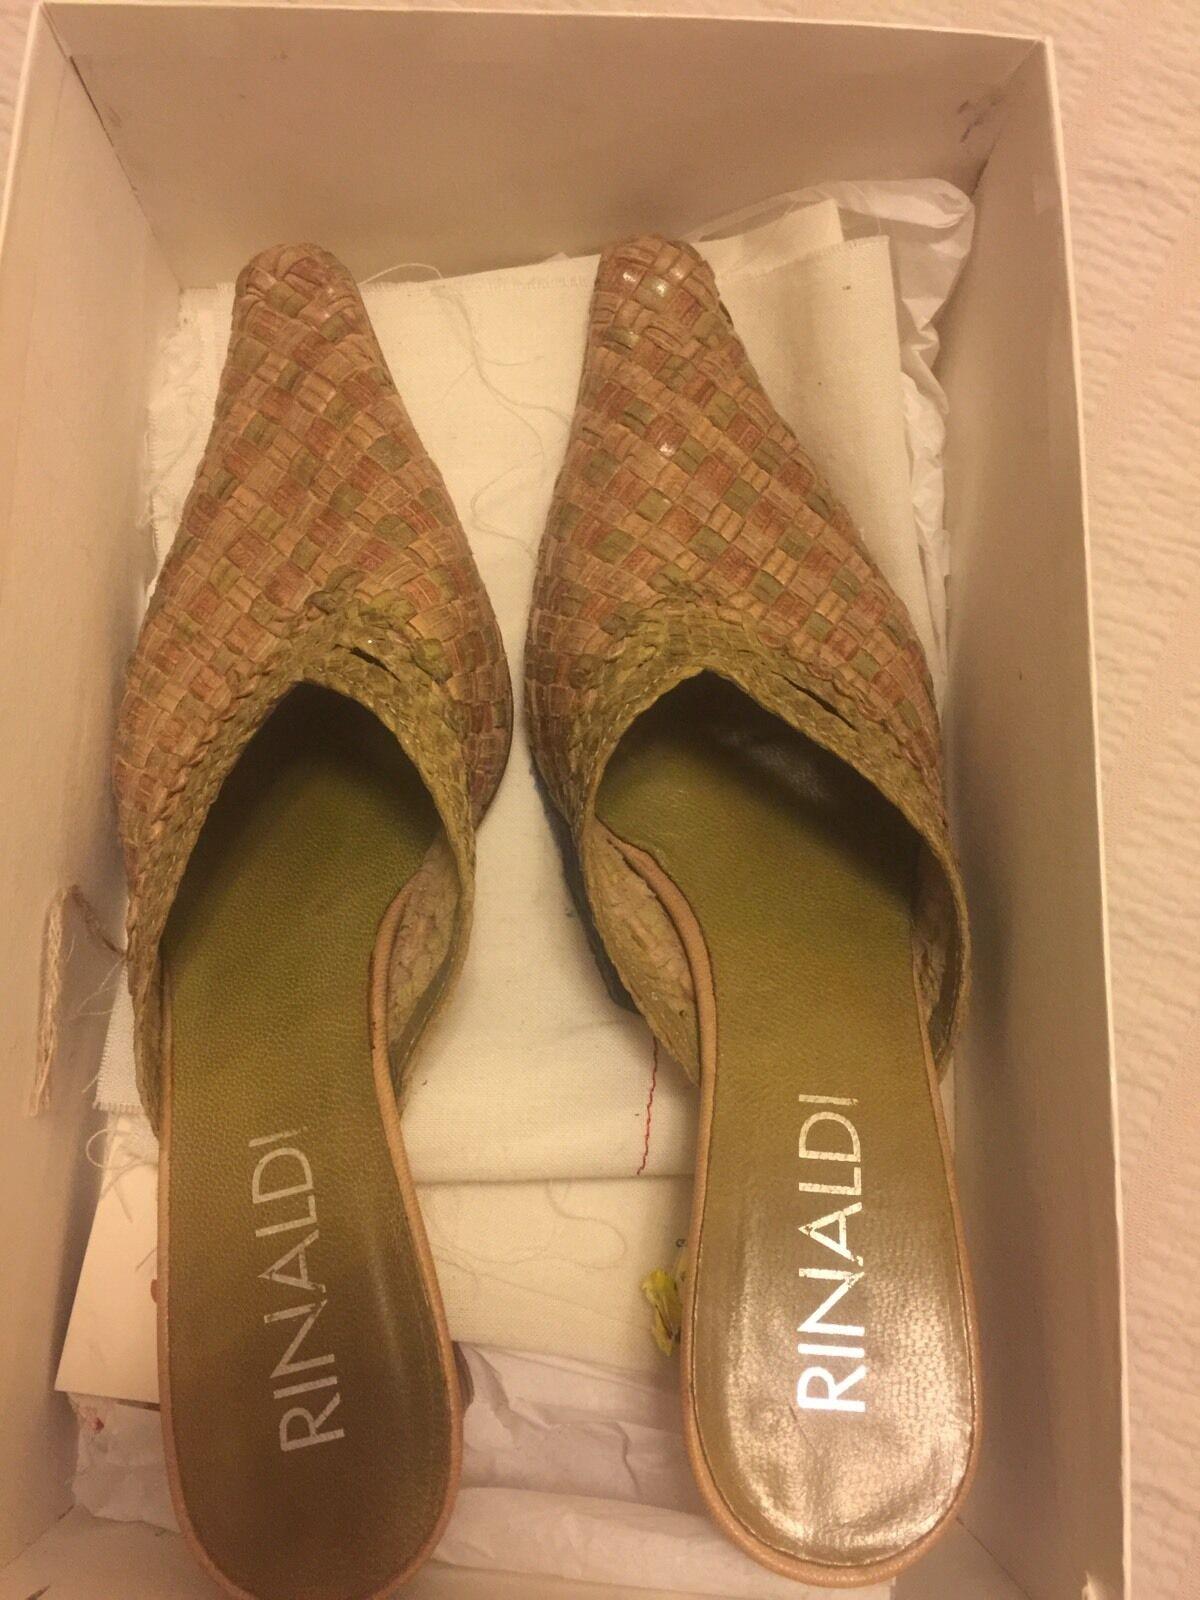 Rinaldi Women's Shoes 37.5